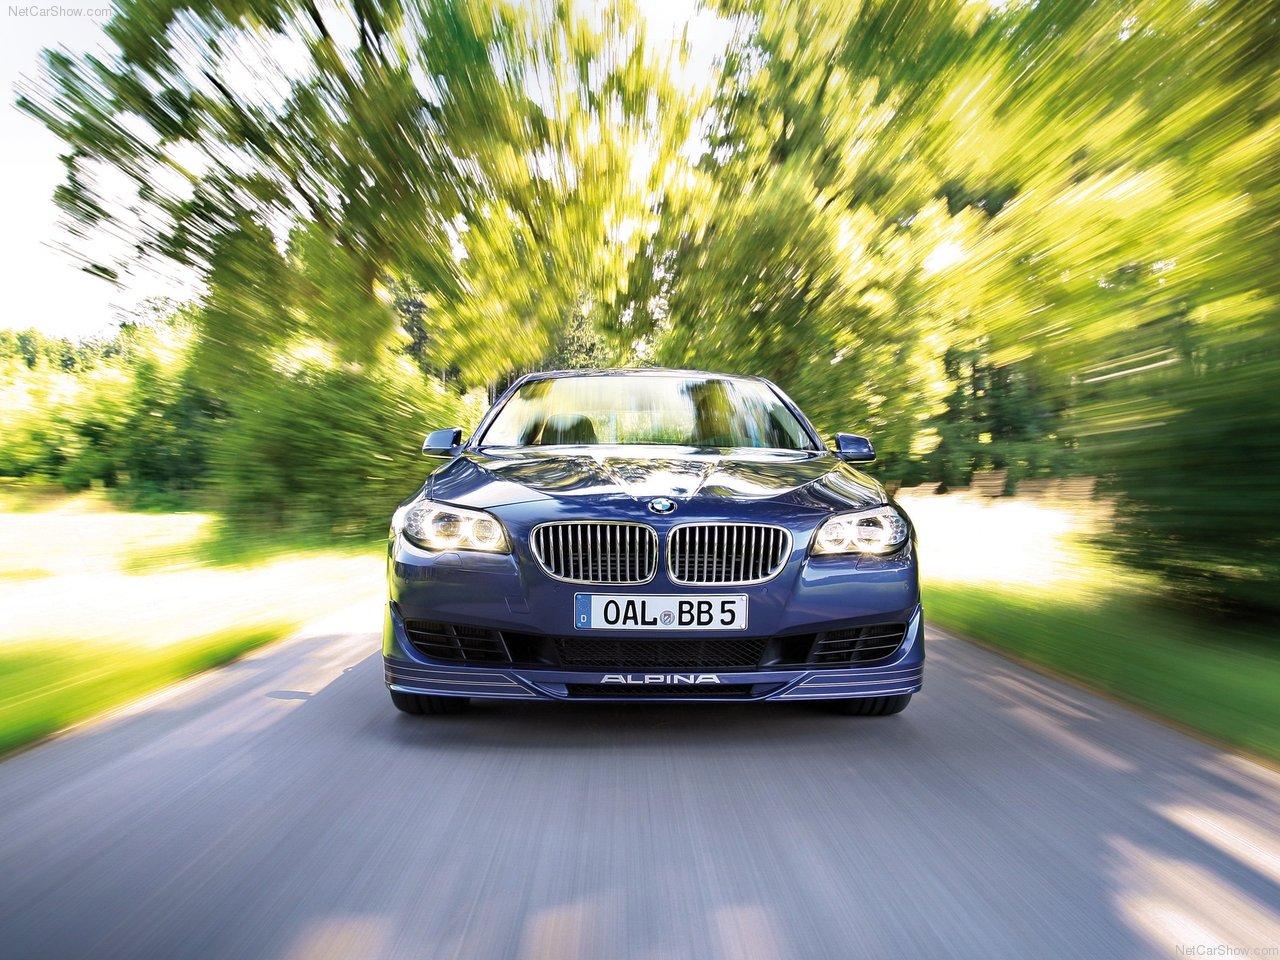 Alpina BMW B5 BiTurbo 2011 &Alpina-BMW_B5_Bi-Turbo-2011-1280-09